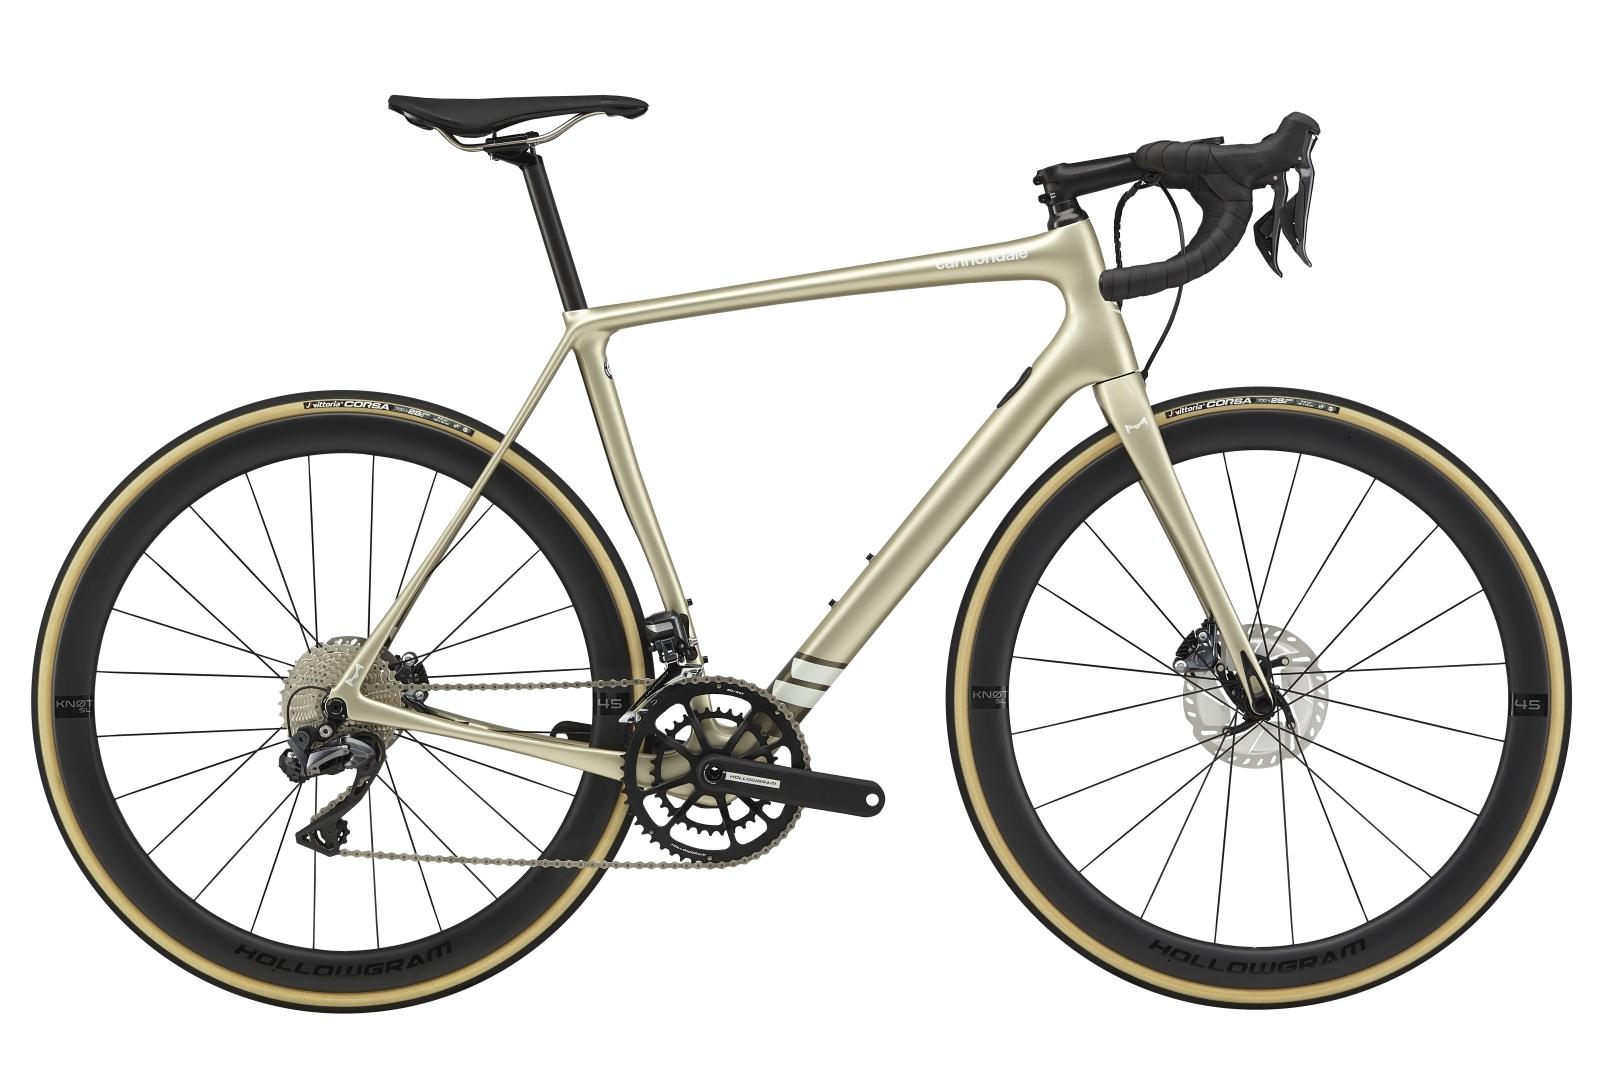 Cannondale Synapse Carbon Hi-MOD Disc Ultegra Di2 országúti kerékpár - pezsgő - 56 cm (2020)